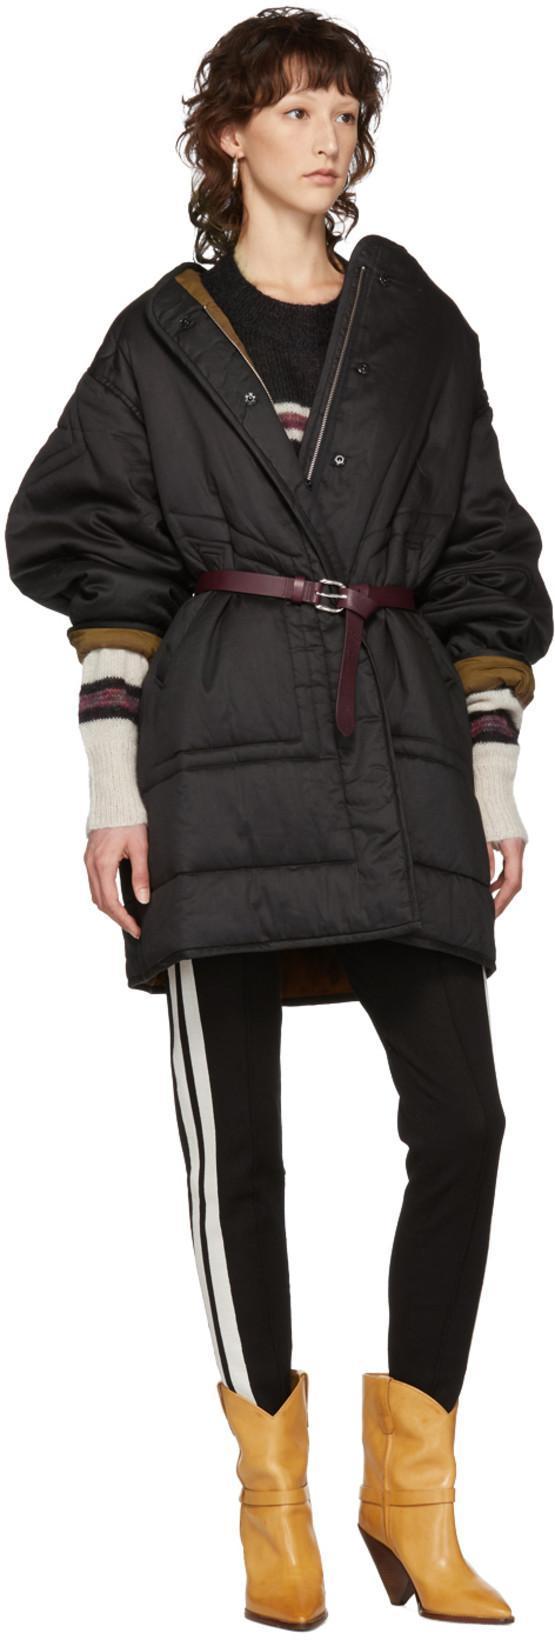 5988197a35 ETOILE ISABEL MARANT Isabel Marant Etoile Black Nao Padded Jacket in 02Fk  Black